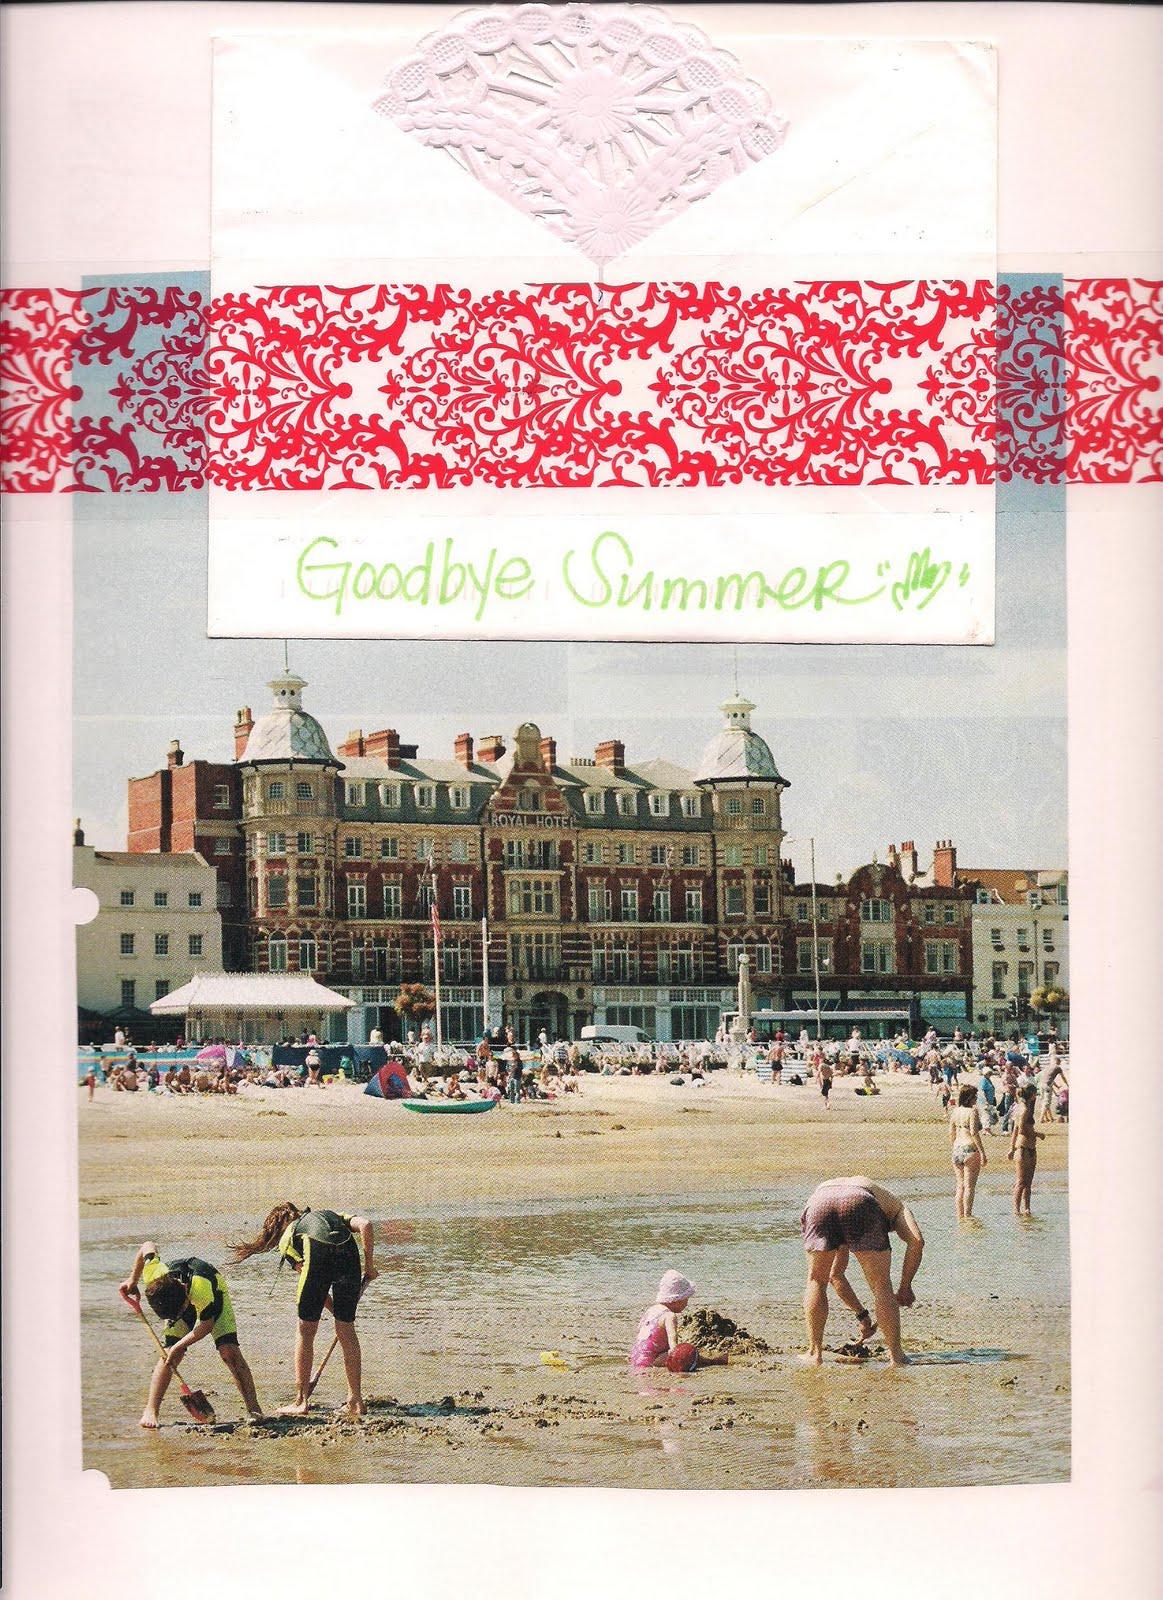 http://2.bp.blogspot.com/-592QmOCJaXA/TmbgvNzI8_I/AAAAAAAAAtw/dyDWAuDUXQo/s1600/Goodbye+Summer+001.jpg